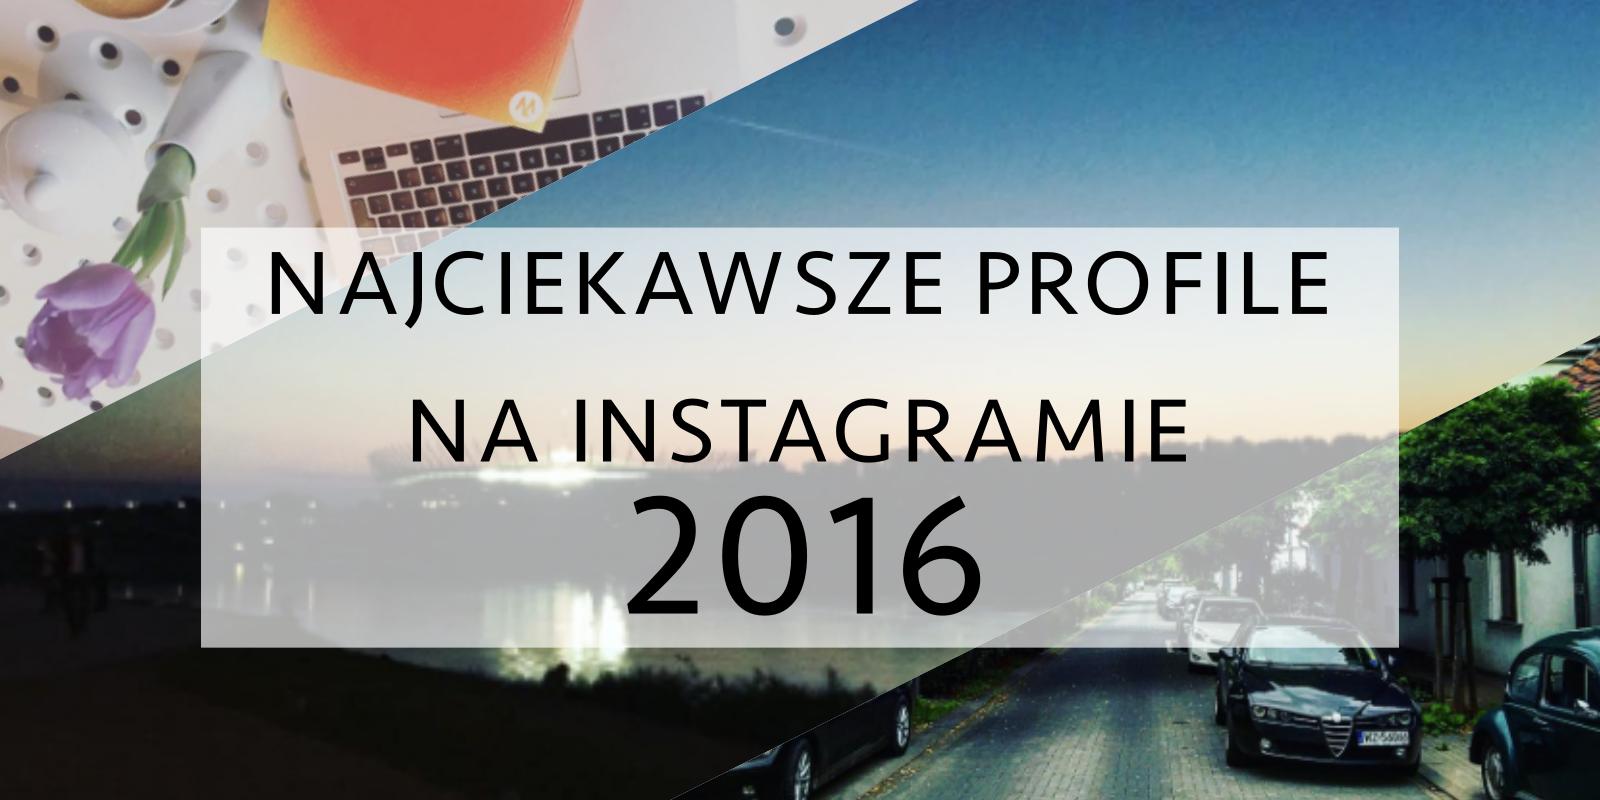 Najciekawsze profile na Instagramie: edycja 2016